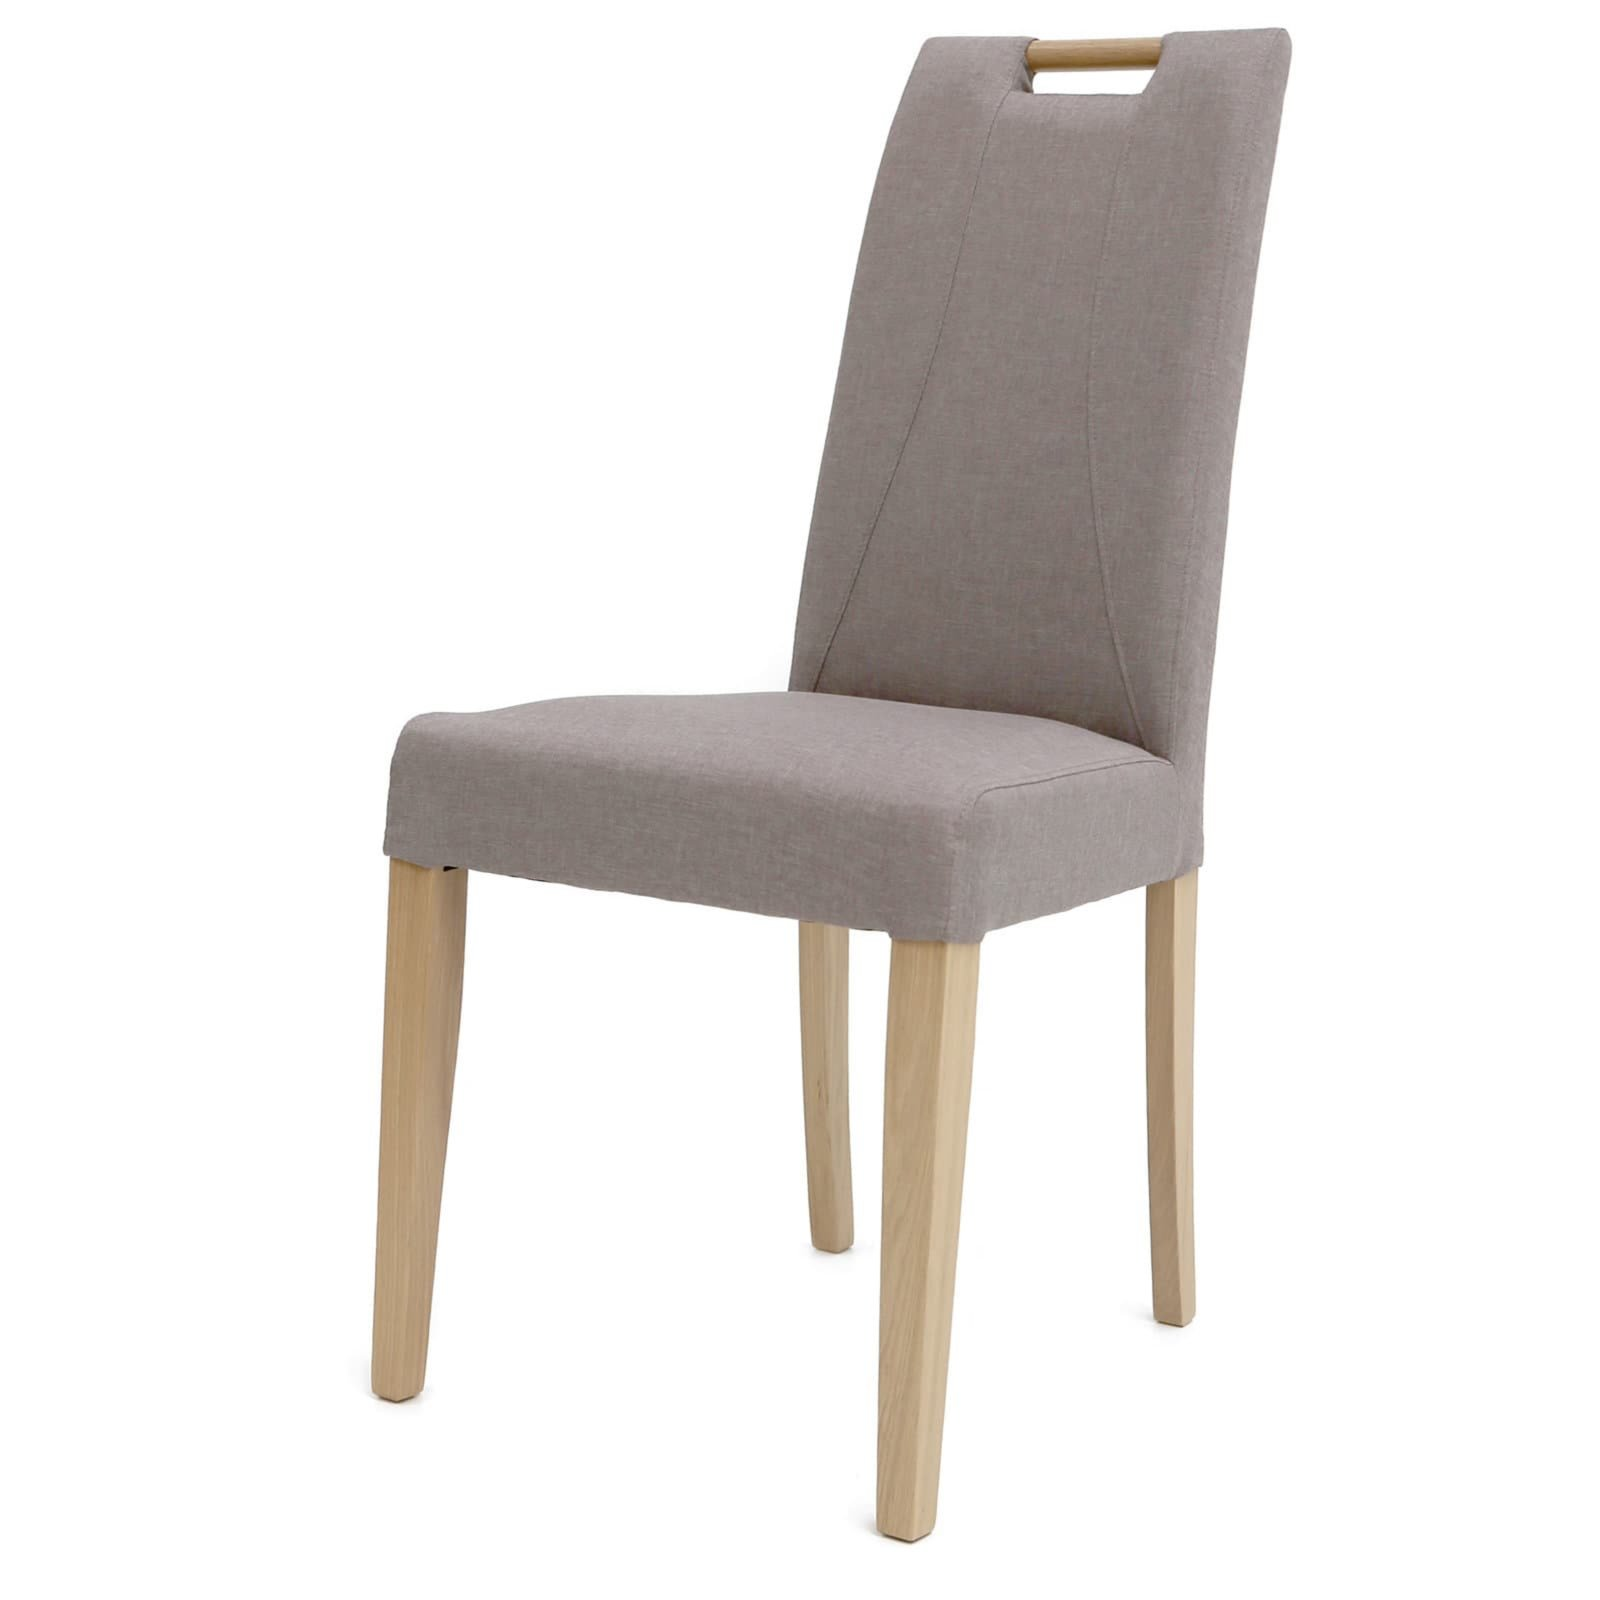 polsterstuhl goettingen taupe eiche bianco massiv polsterst hle st hle st hle hocker. Black Bedroom Furniture Sets. Home Design Ideas